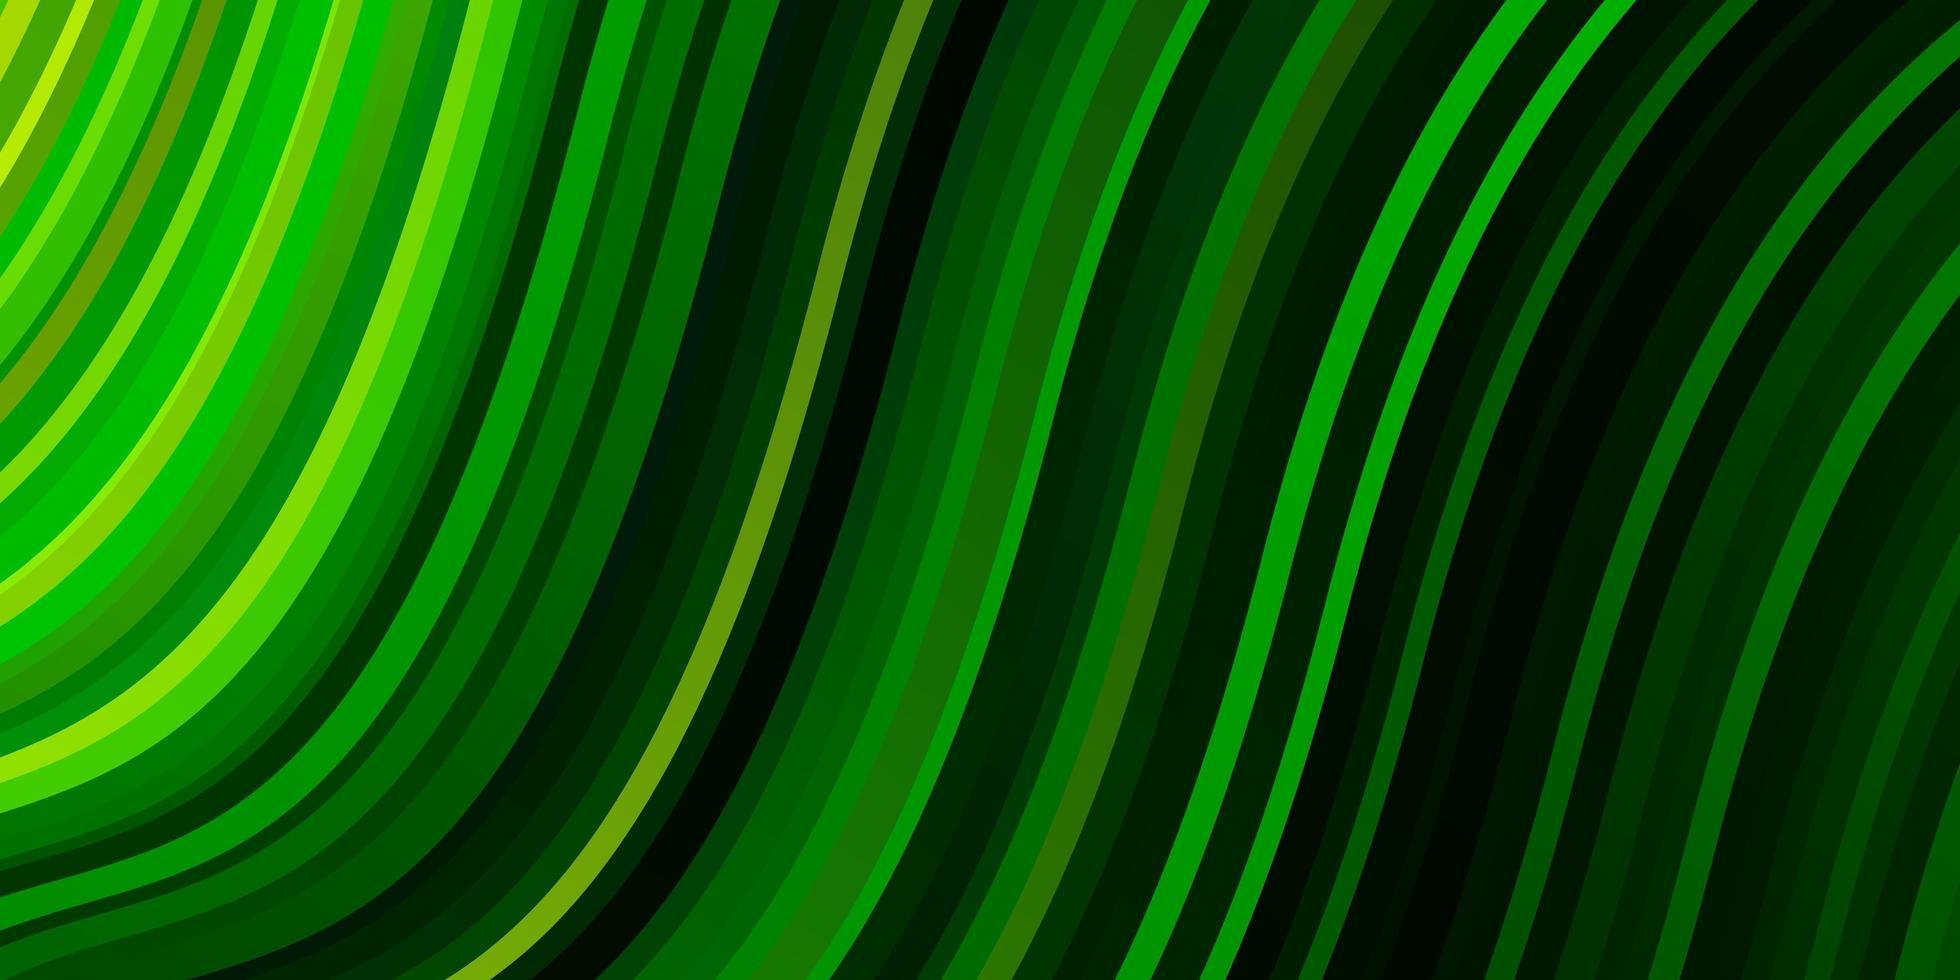 dunkelgrüne Vektorbeschaffenheit mit trockenen Linien. vektor